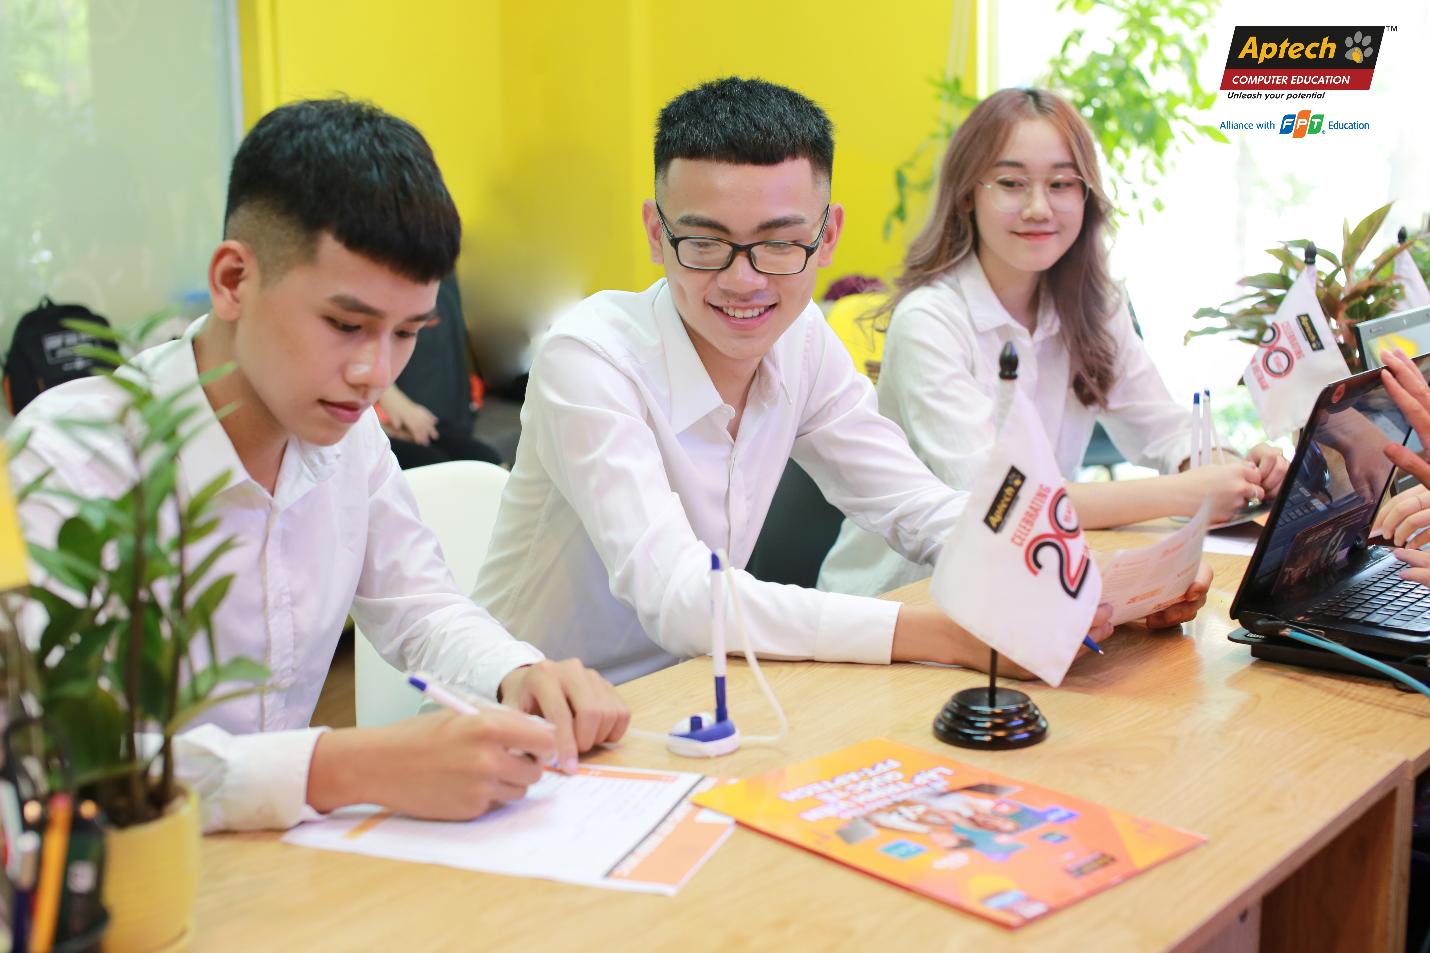 Chương trình học hai năm được thiết kế đặc biệt, đào tạo bài bản từ kiến thức nền tảng cơ bản đến nâng cao với 70% thời lượng học là thực hành gồm: